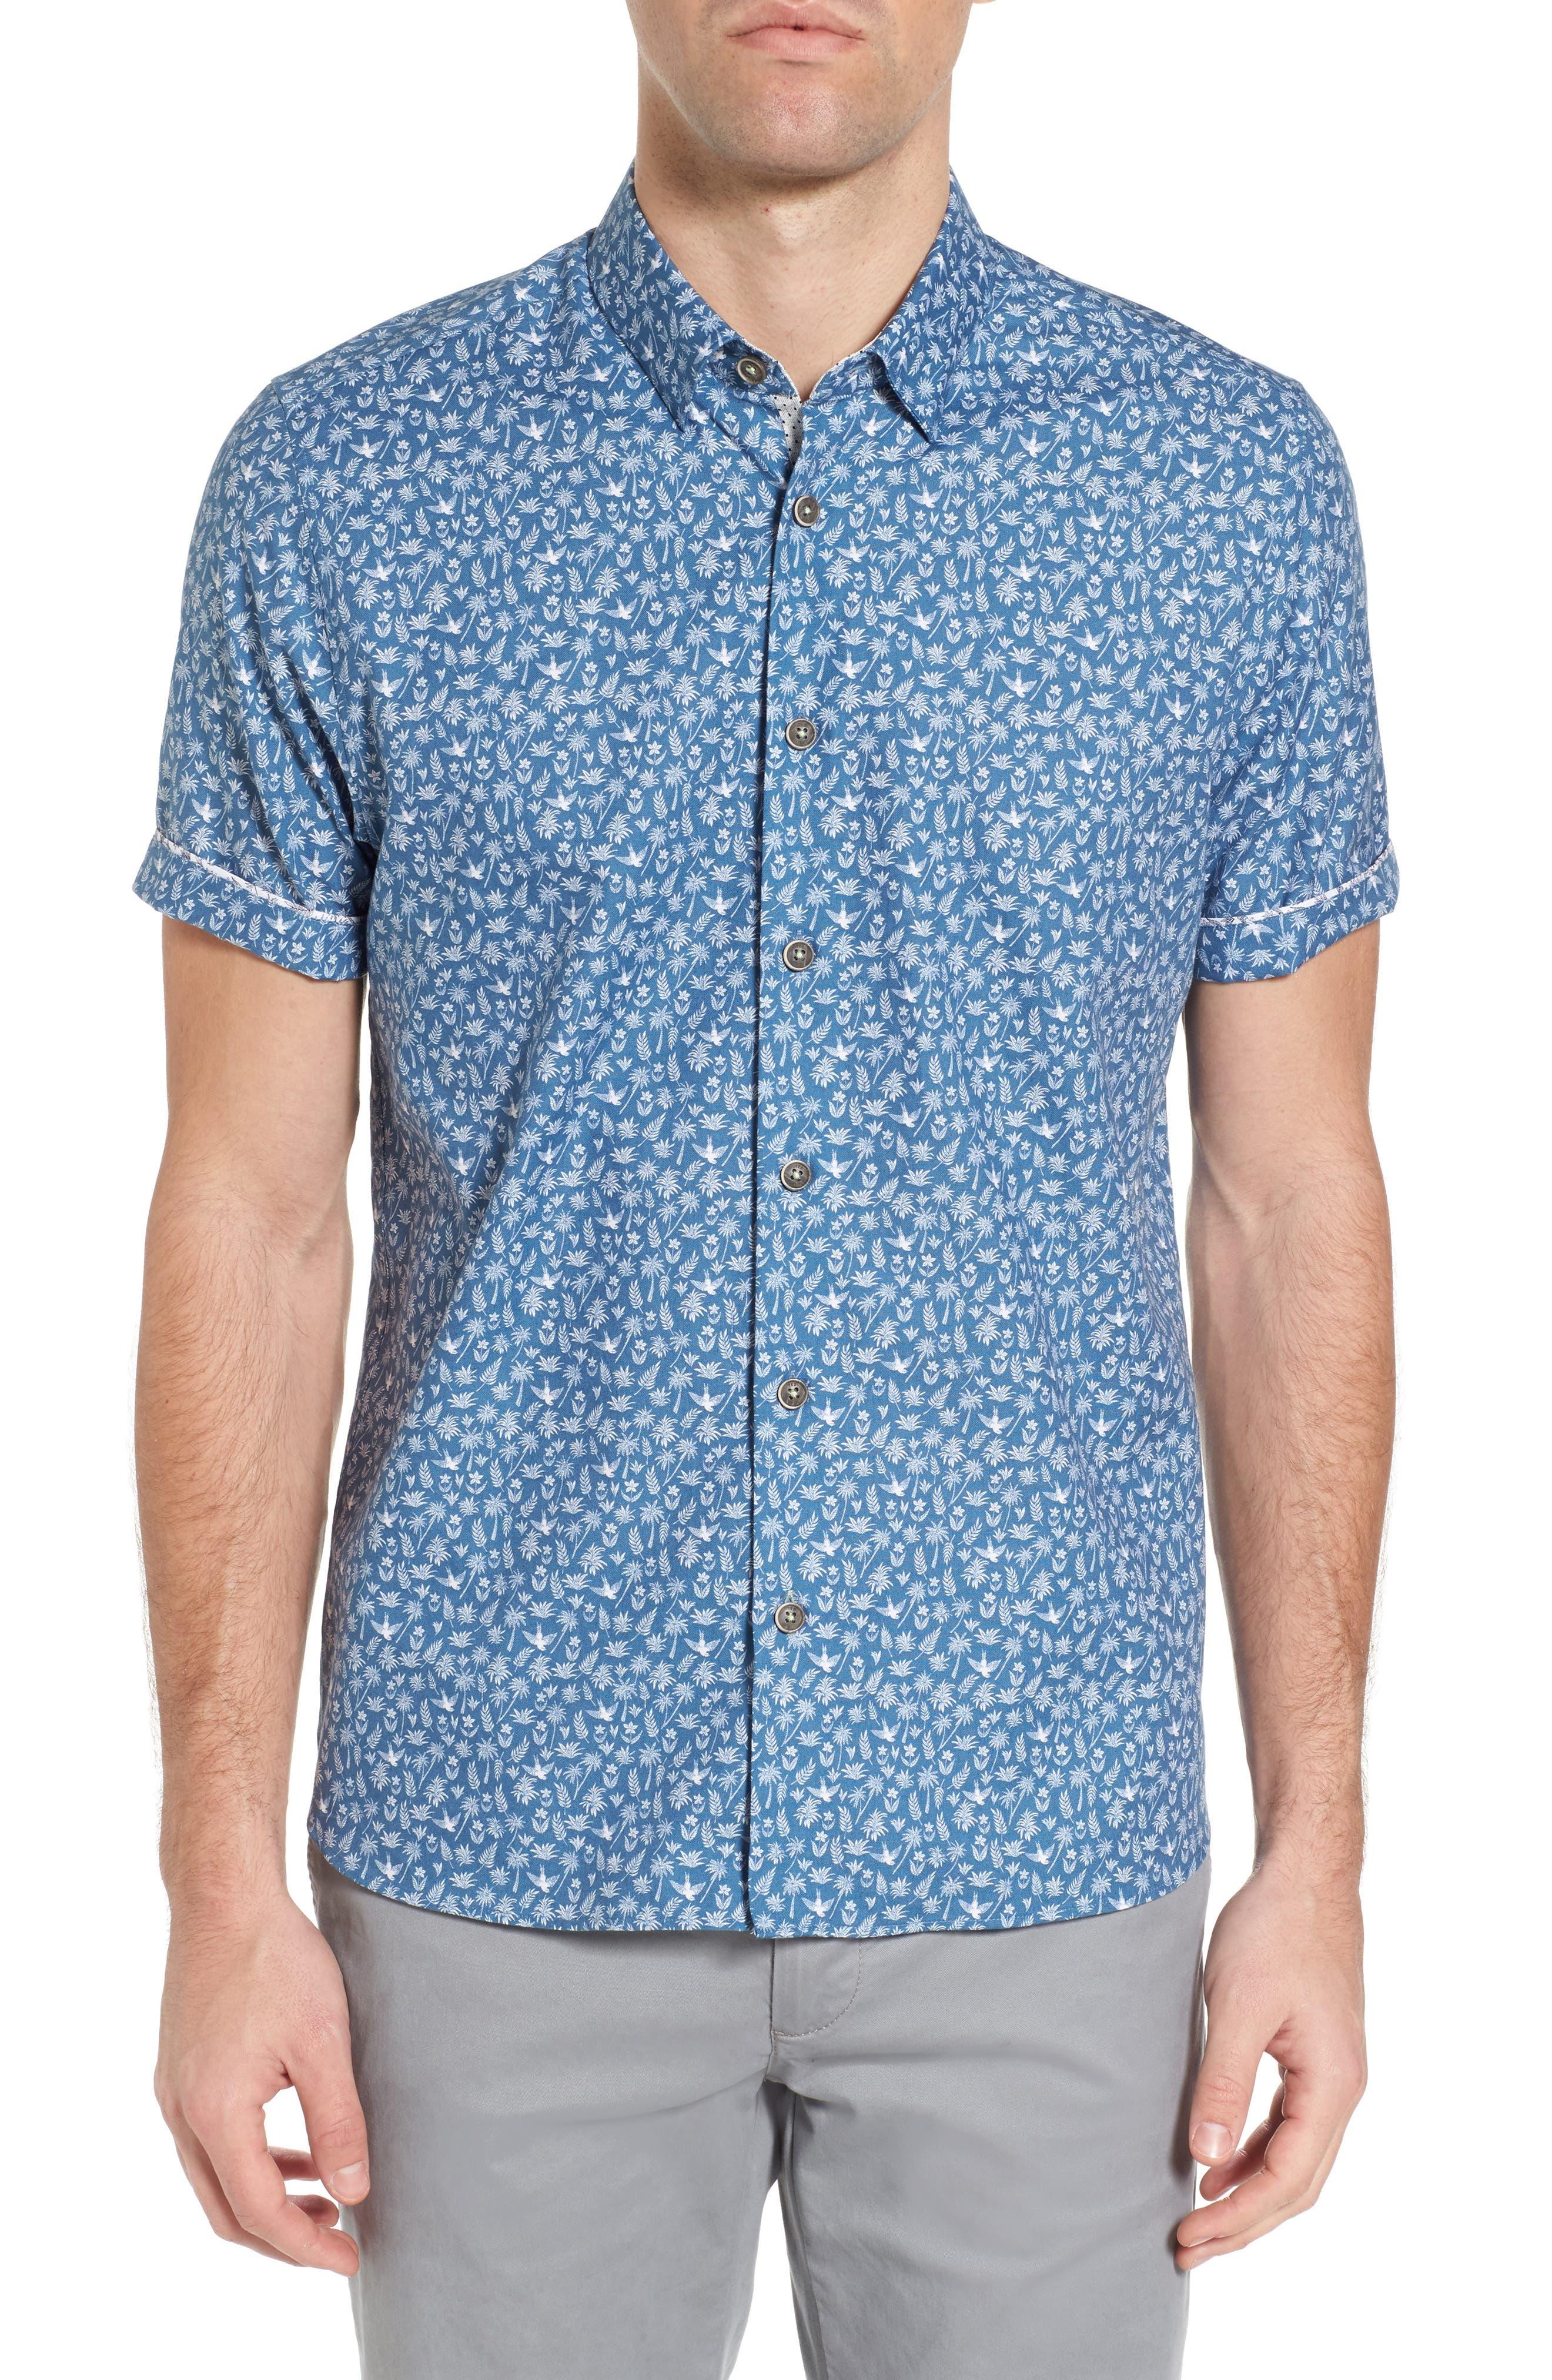 Pazta Tropic Print Shirt,                         Main,                         color, 400